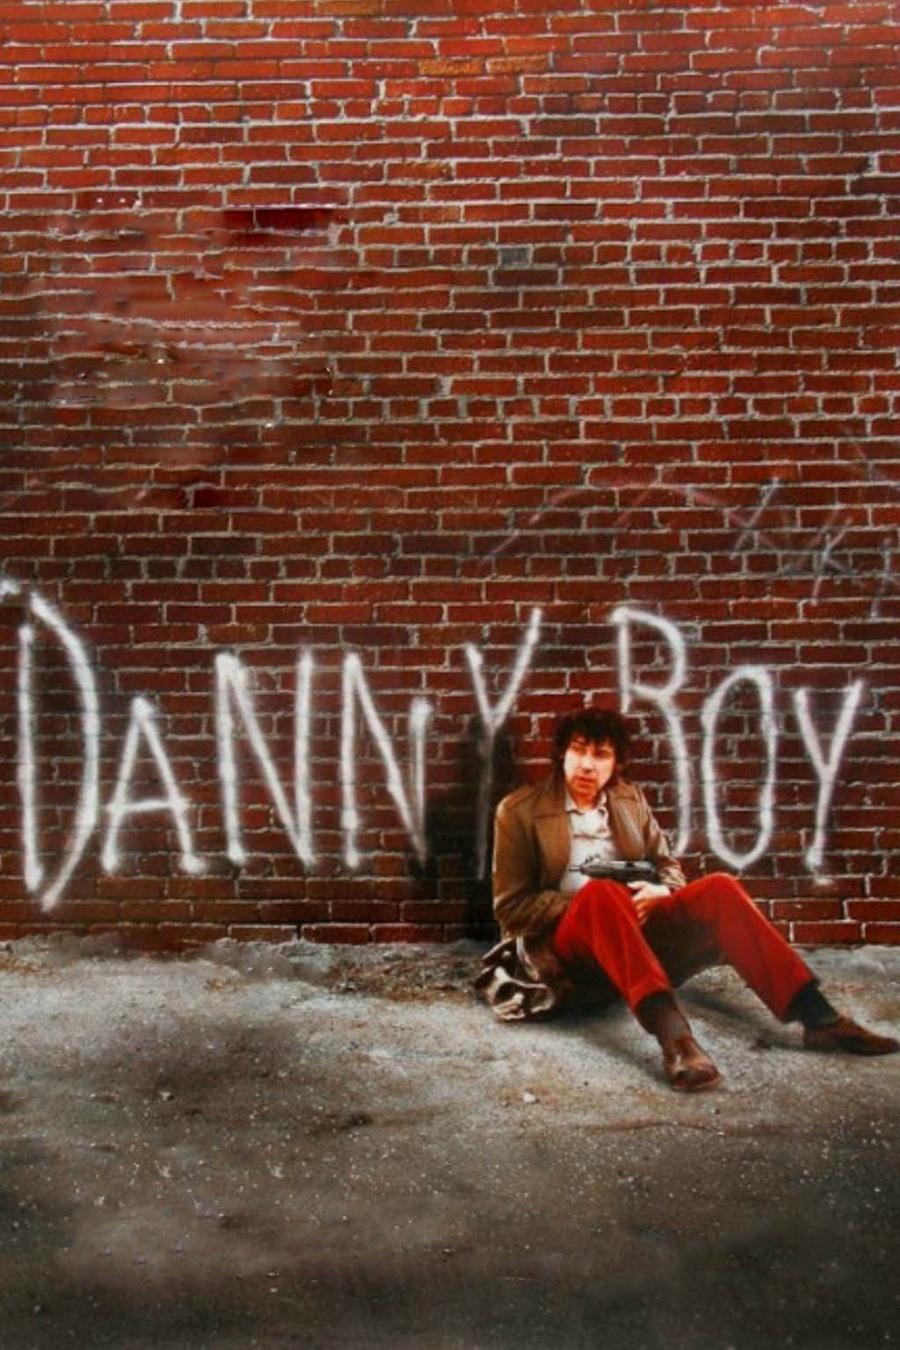 Danny Boy (Angel)